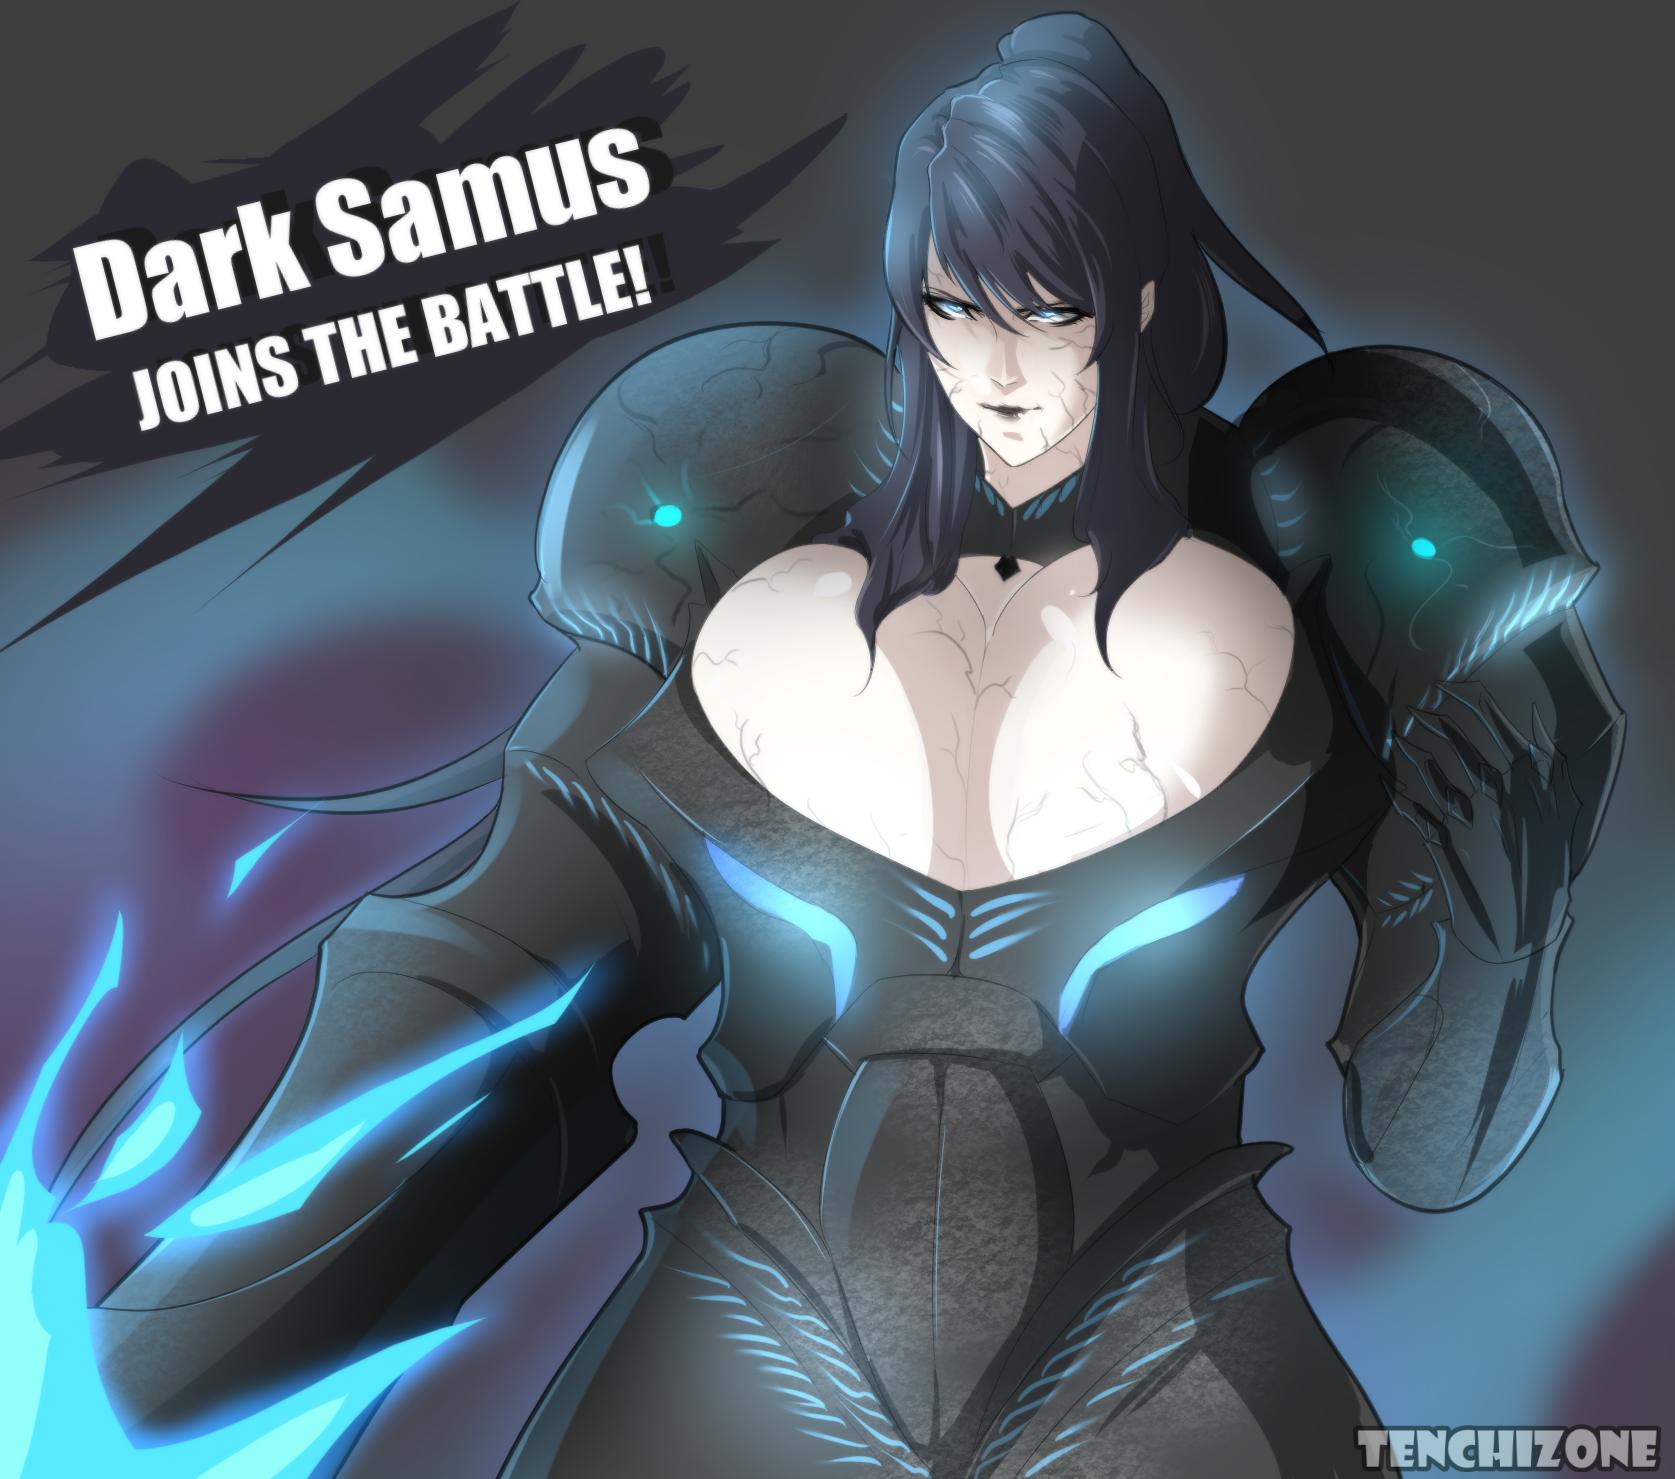 Black zero suit samus big tits